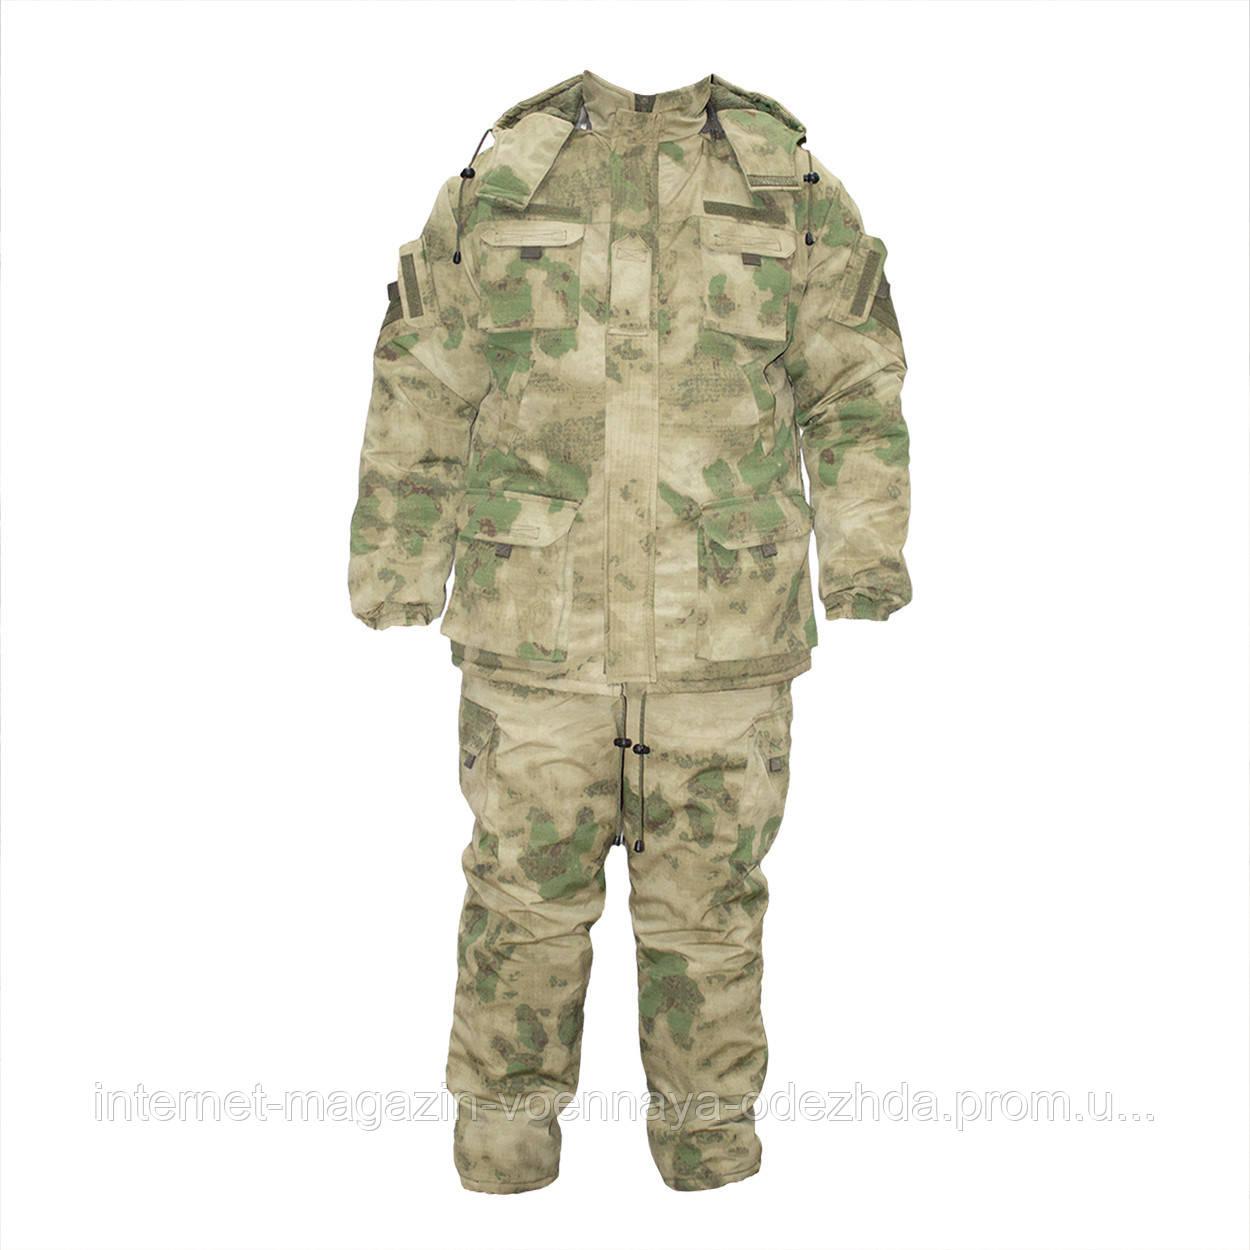 Камуфлированные костюмы для военных оптом Атакс Украина - Оптовый склад  военно-туристического снаряжение- « b7e25e347dc